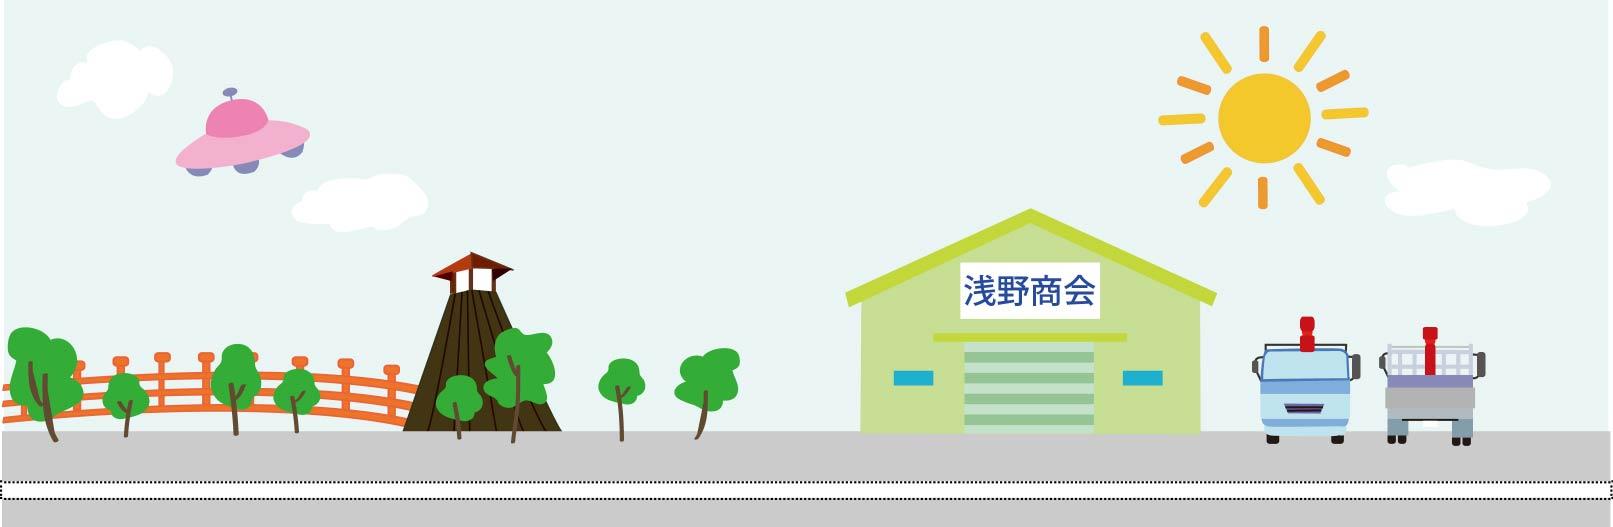 asanosyokai 浅野商会